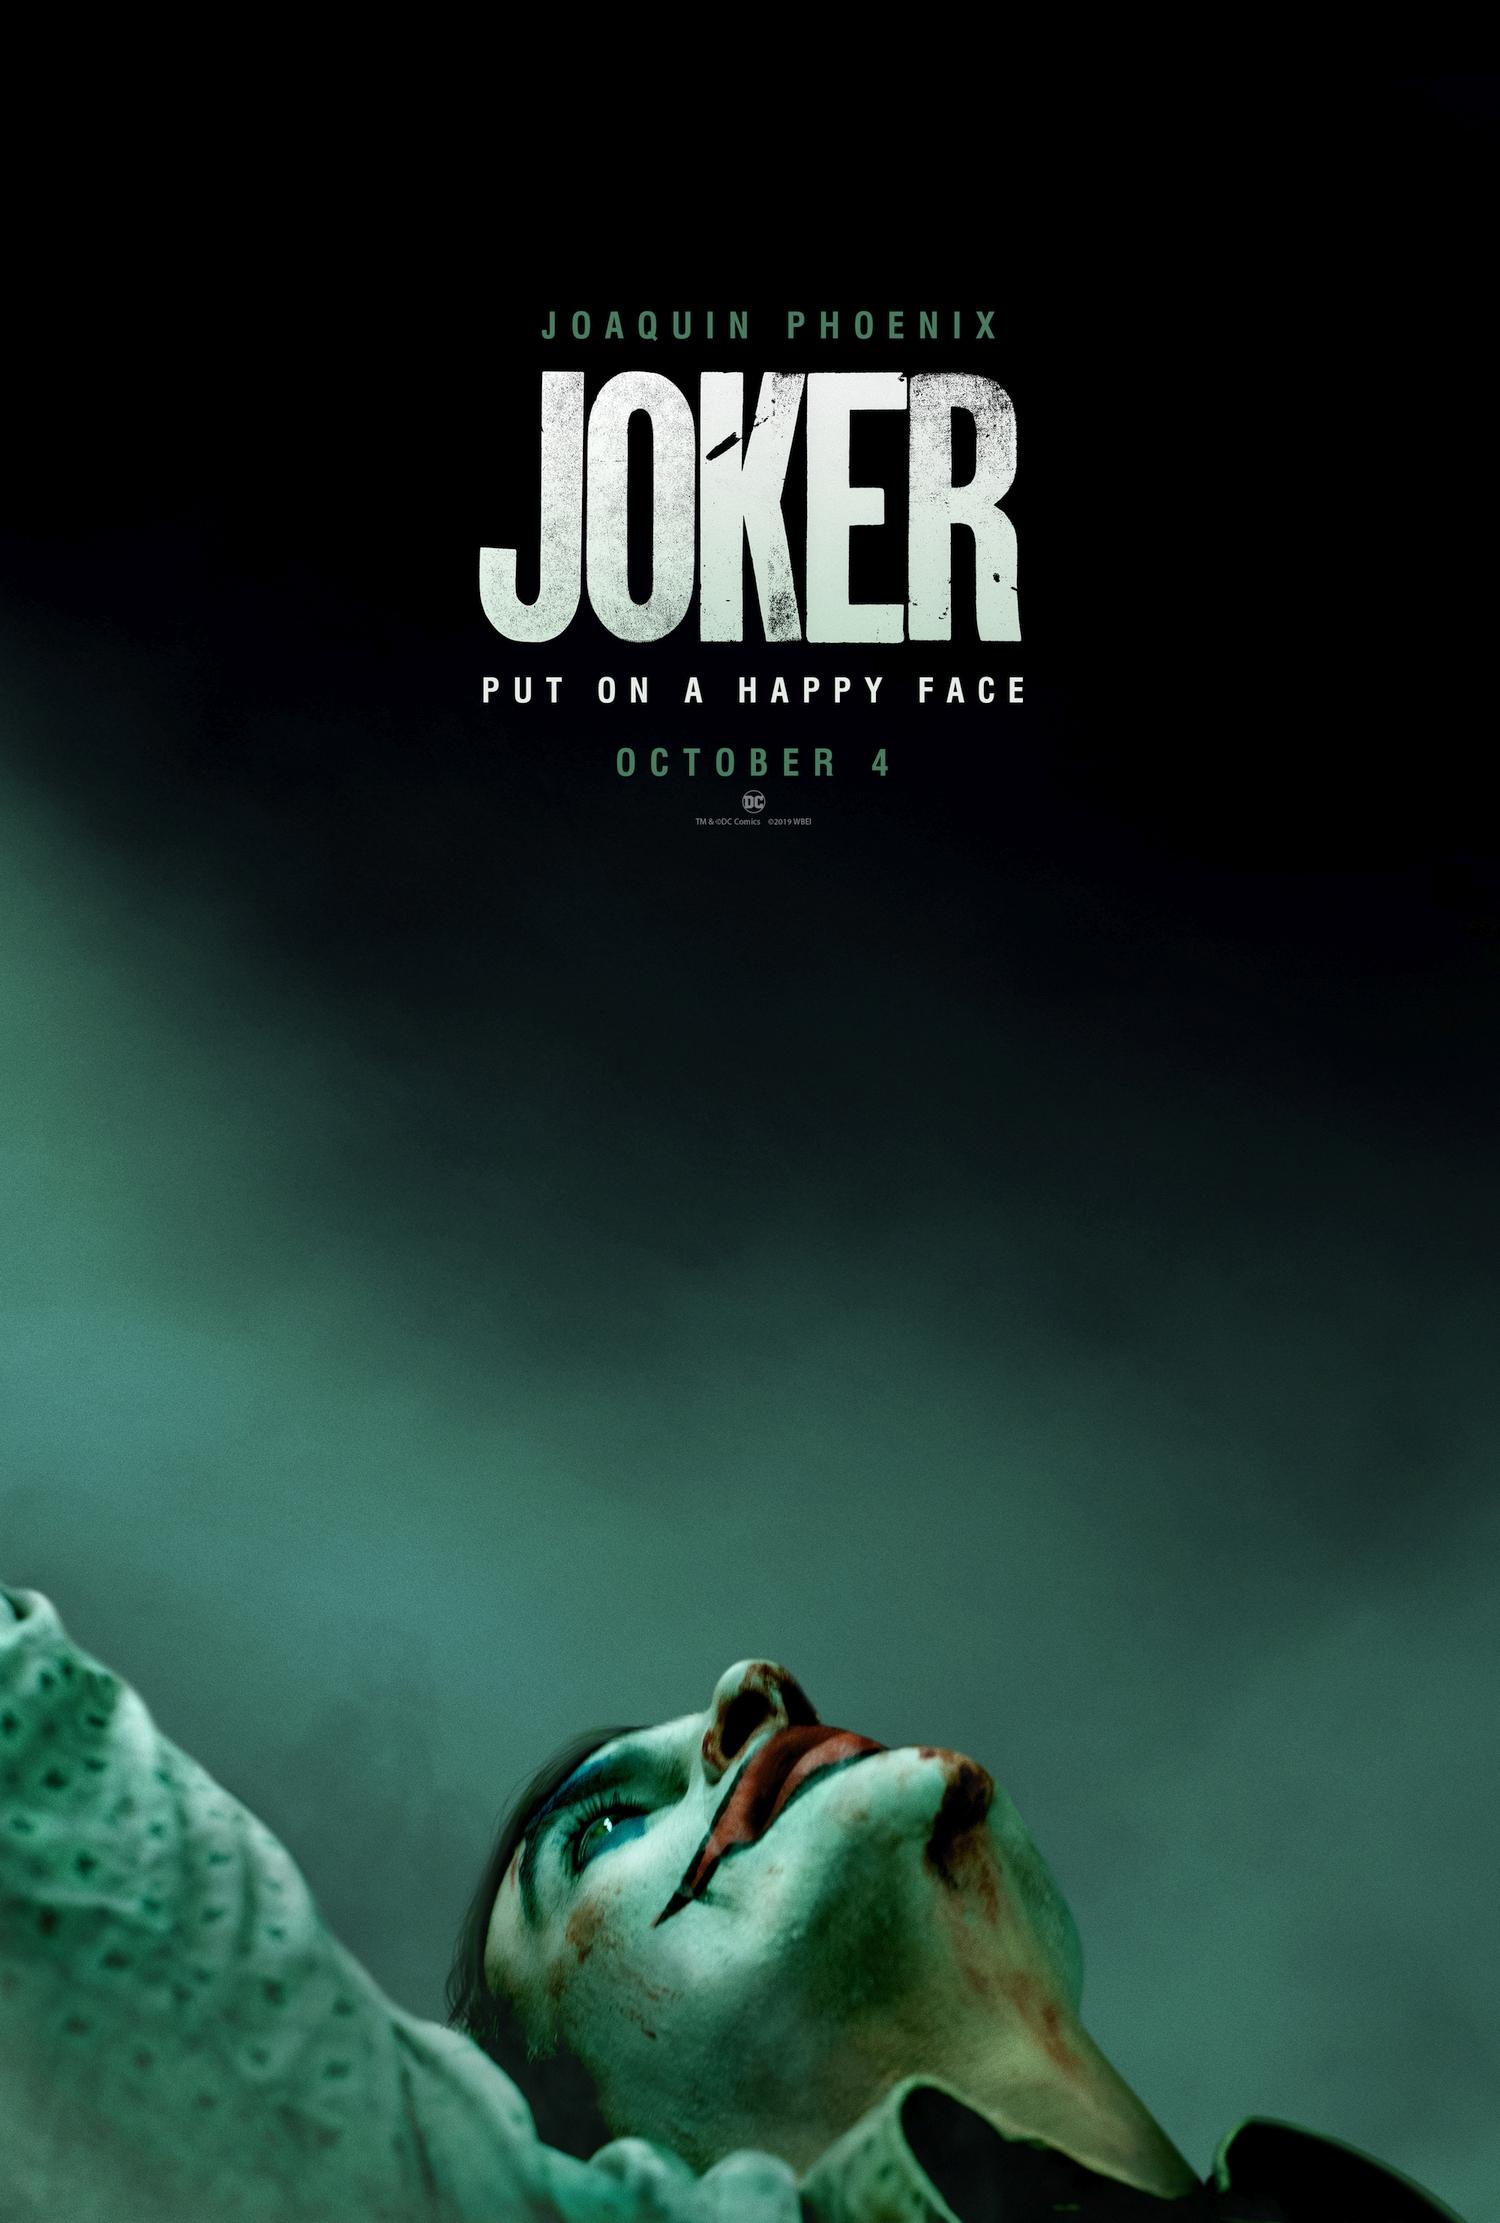 デスクトップ壁紙 Joker 19 Movie ジョーカー ホアキンフェニックス 男性 化粧 映画ポスター Dcコミック 1500x2223 Izmirli デスクトップ壁紙 Wallhere